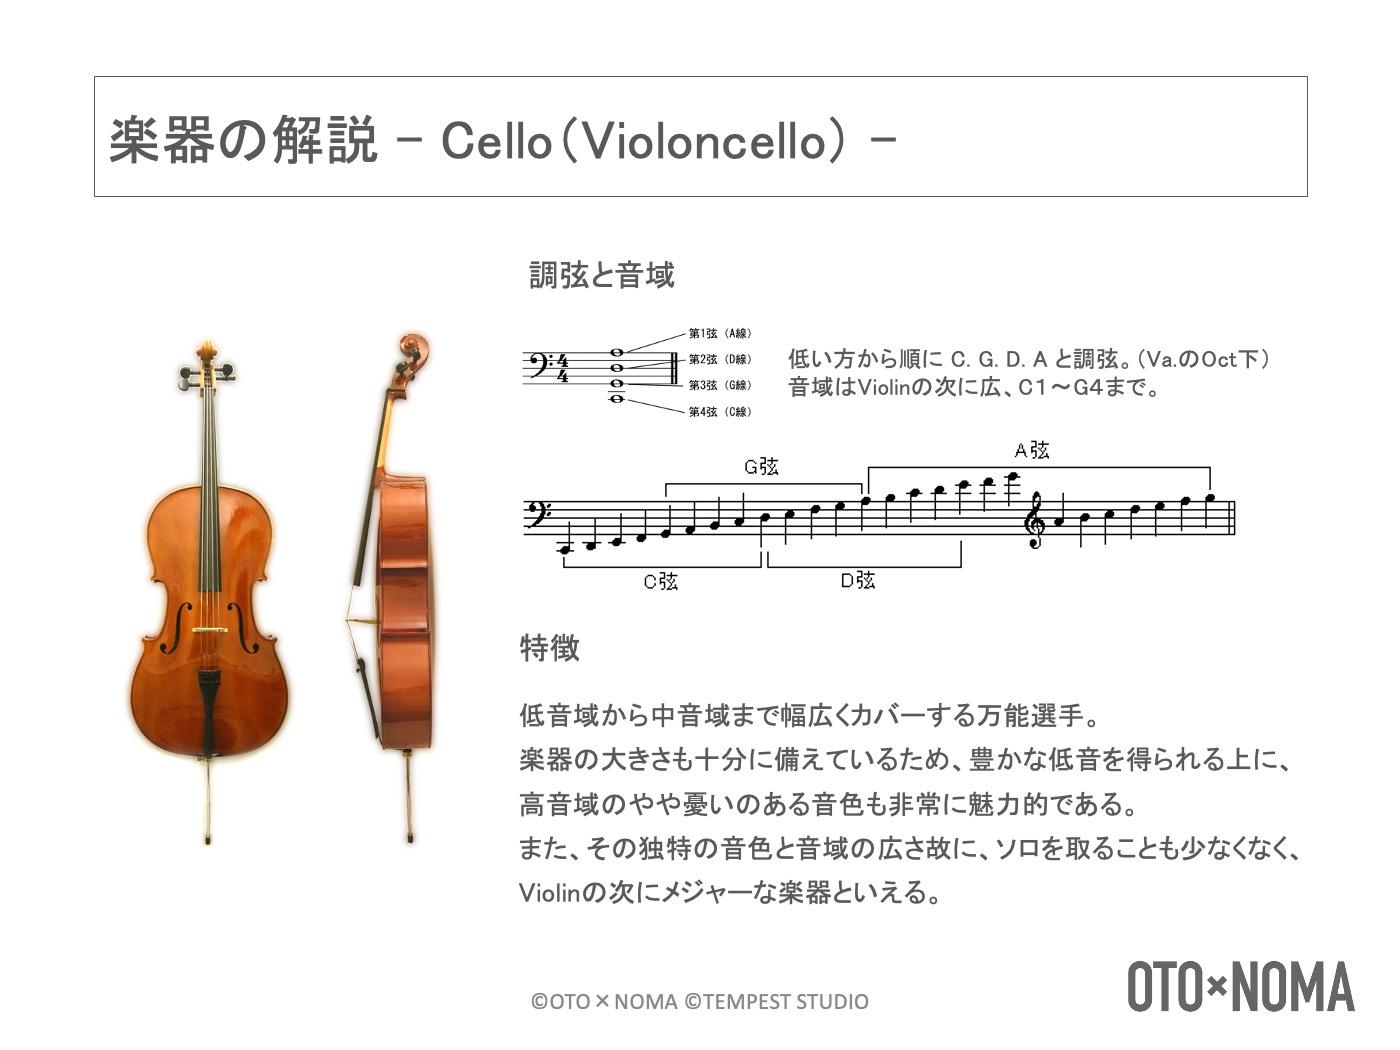 チェロの音域と特徴